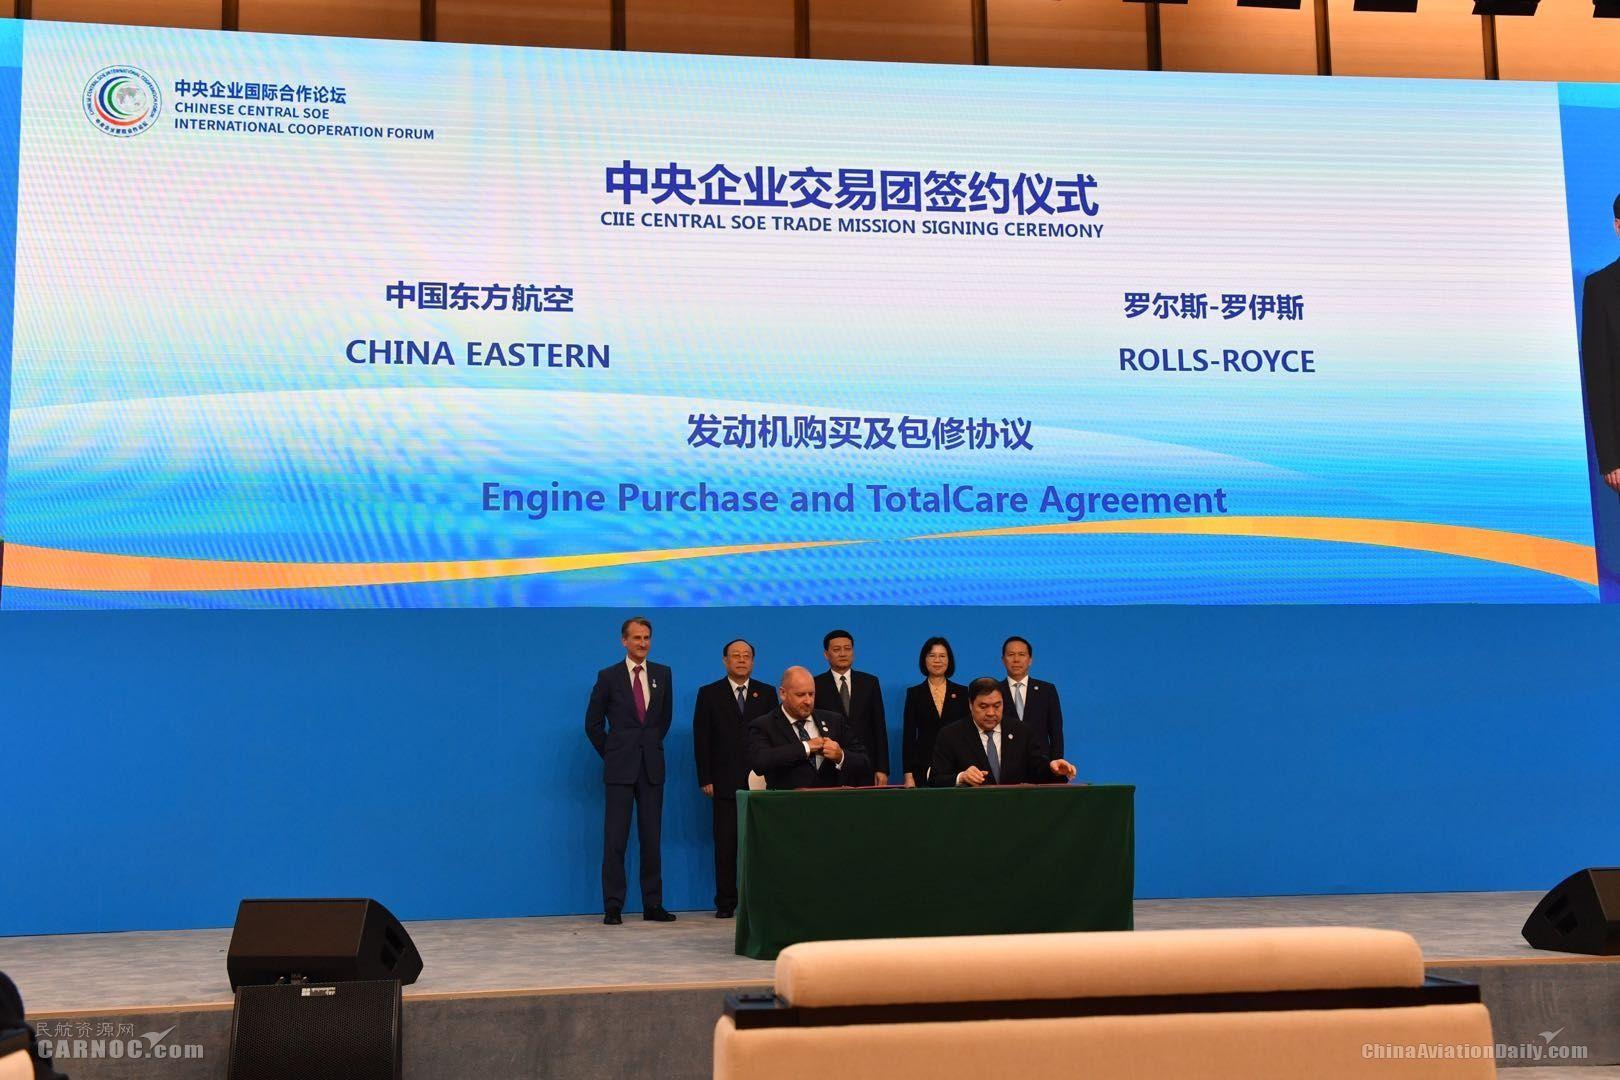 东航与罗罗签署首届进博会百亿元航空大单